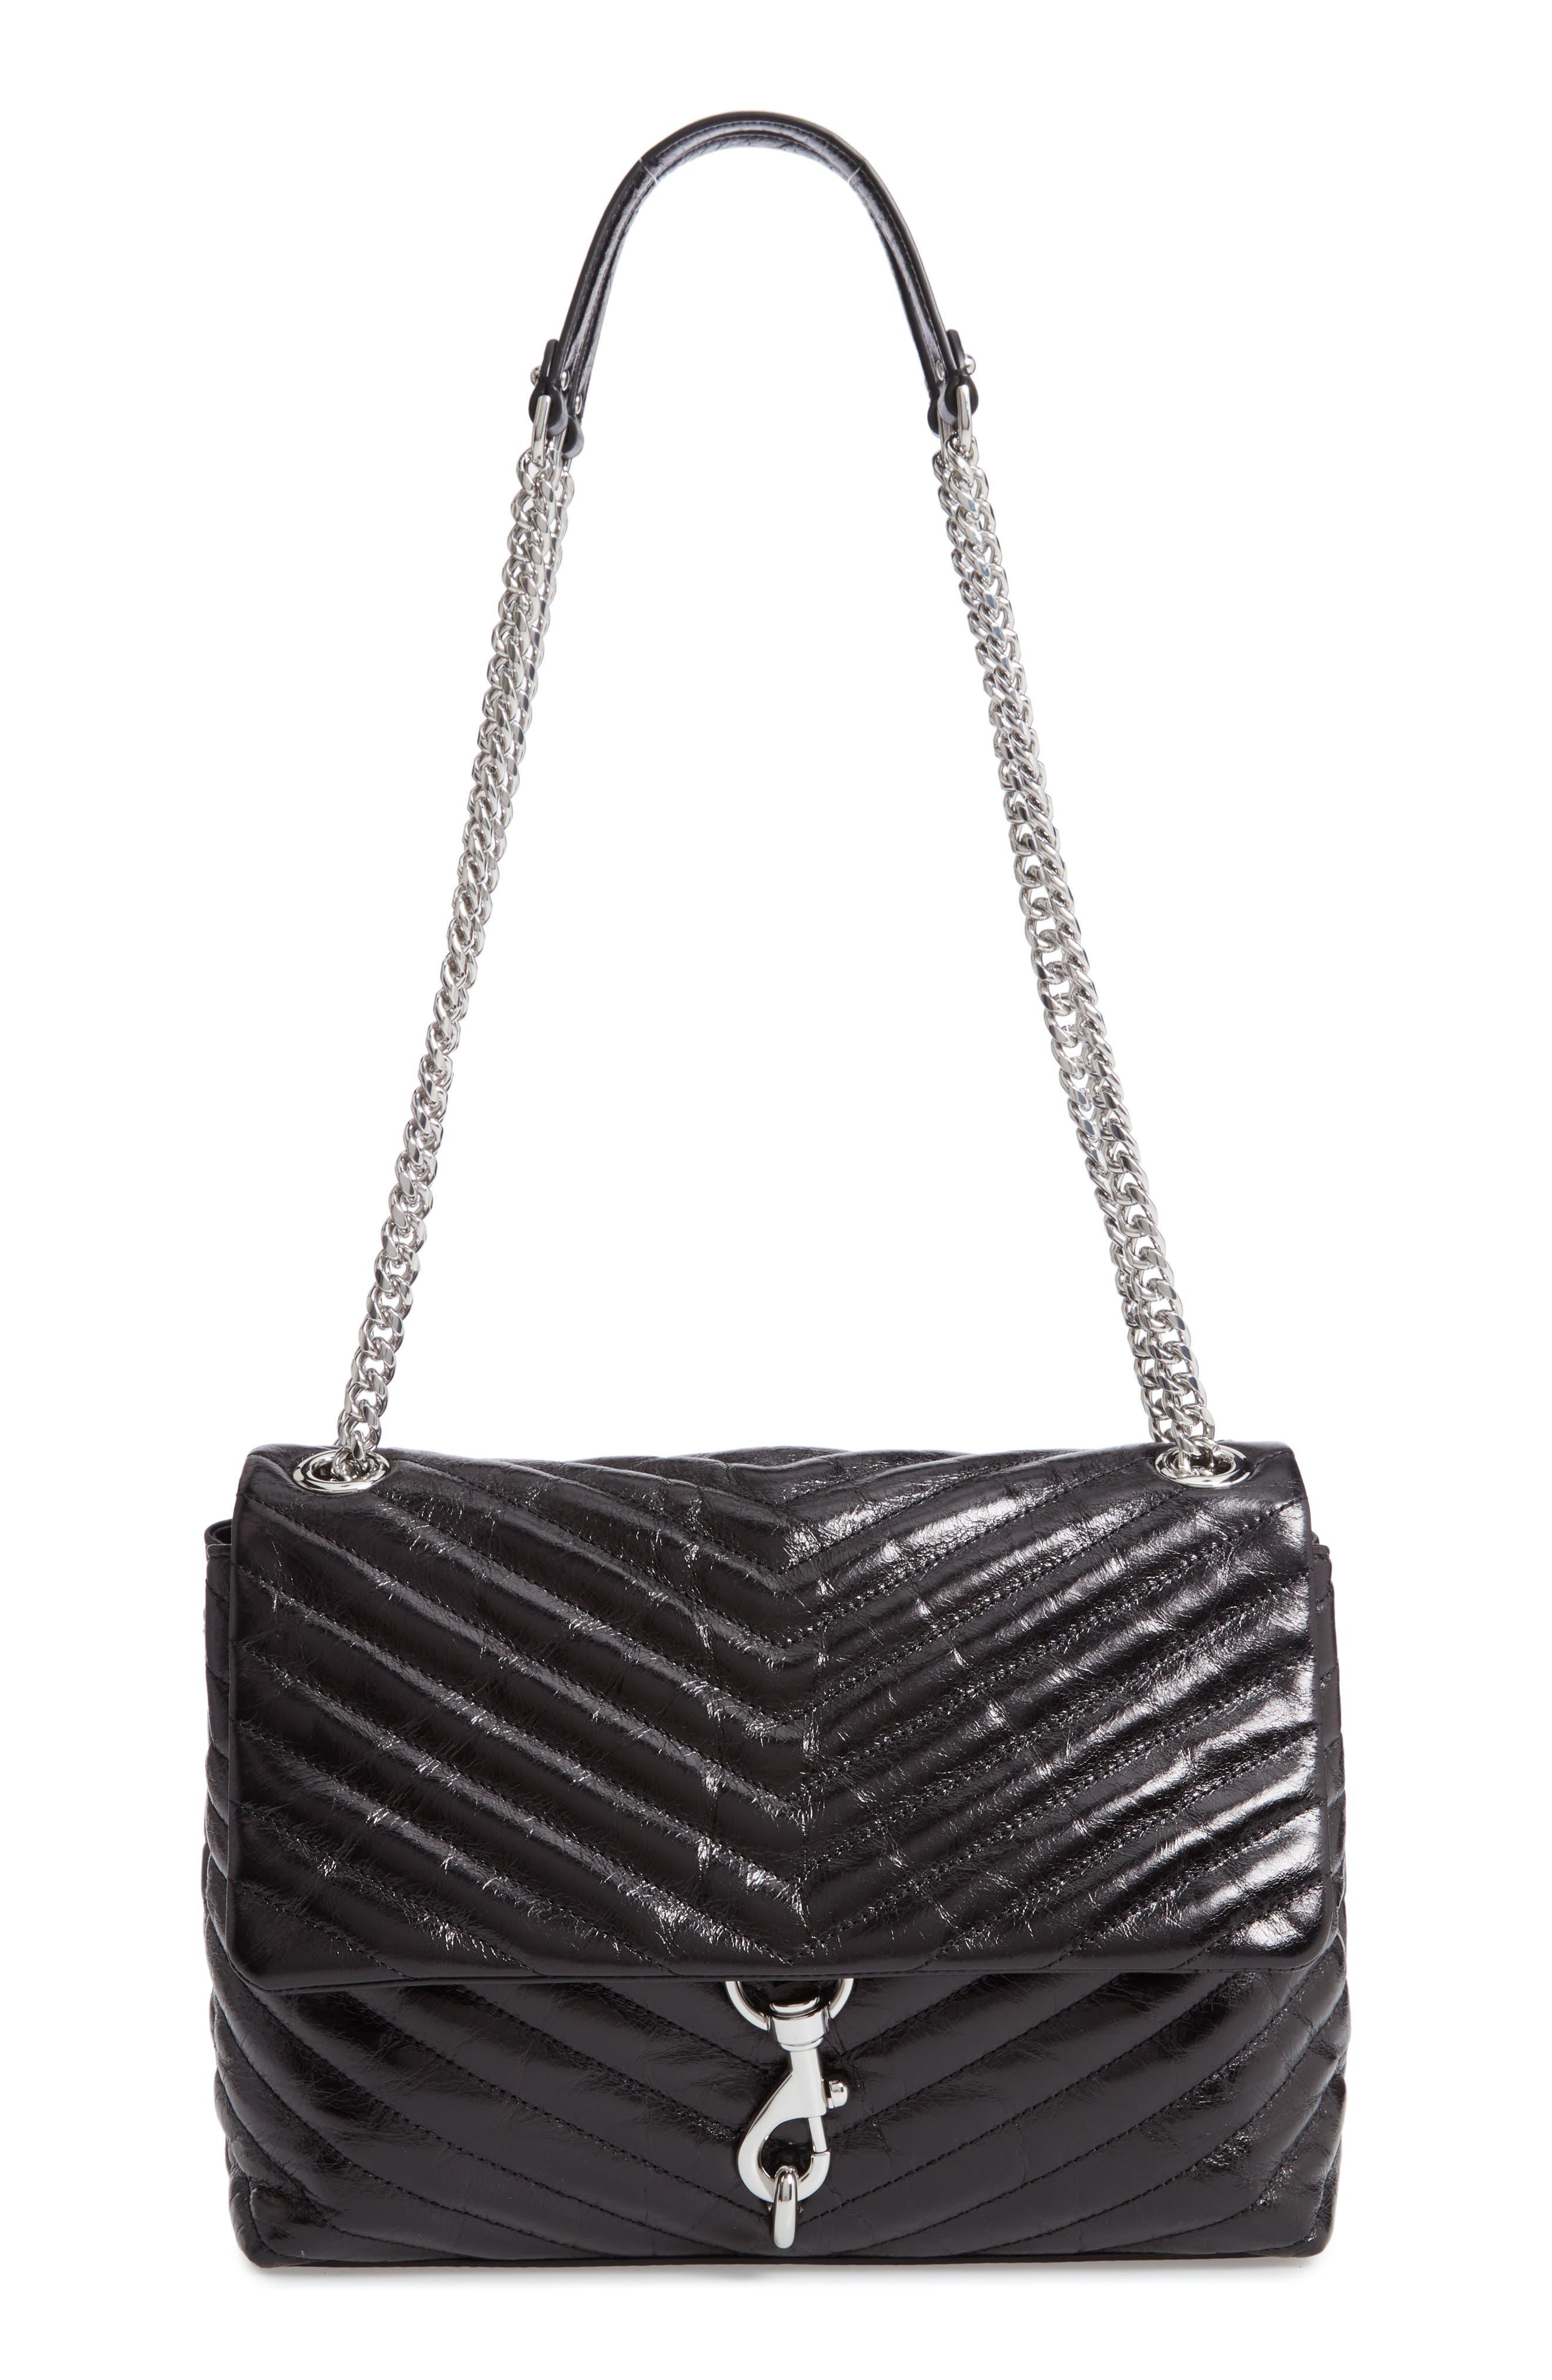 Edie Flap Front Leather Shoulder Bag,                             Main thumbnail 1, color,                             BLACK